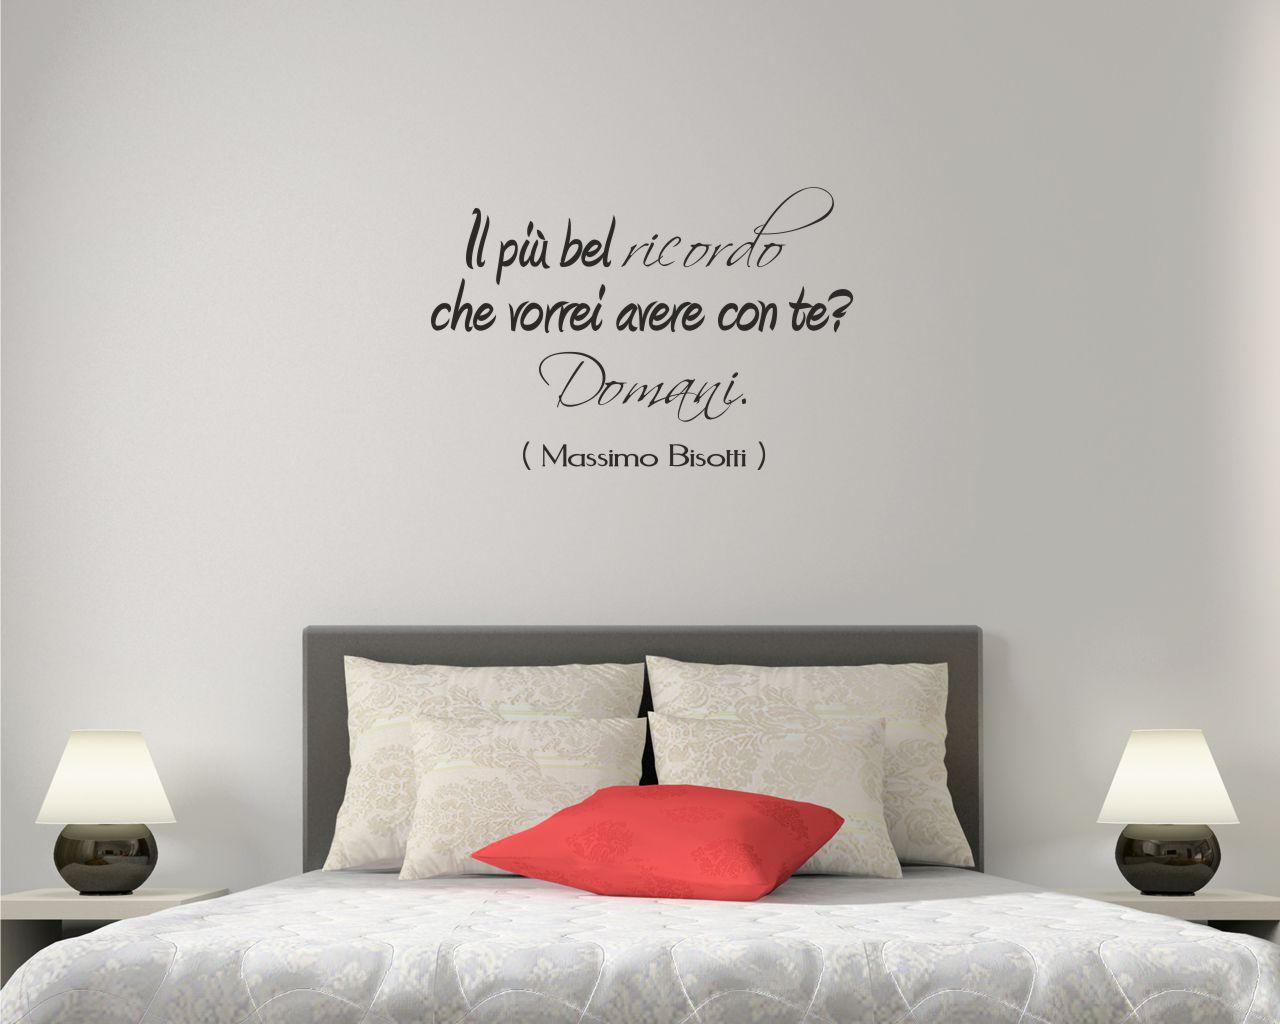 Il piu bel ricordo frasi aforismi citazioni adesivo murale - Adesivi per pareti camera da letto ...